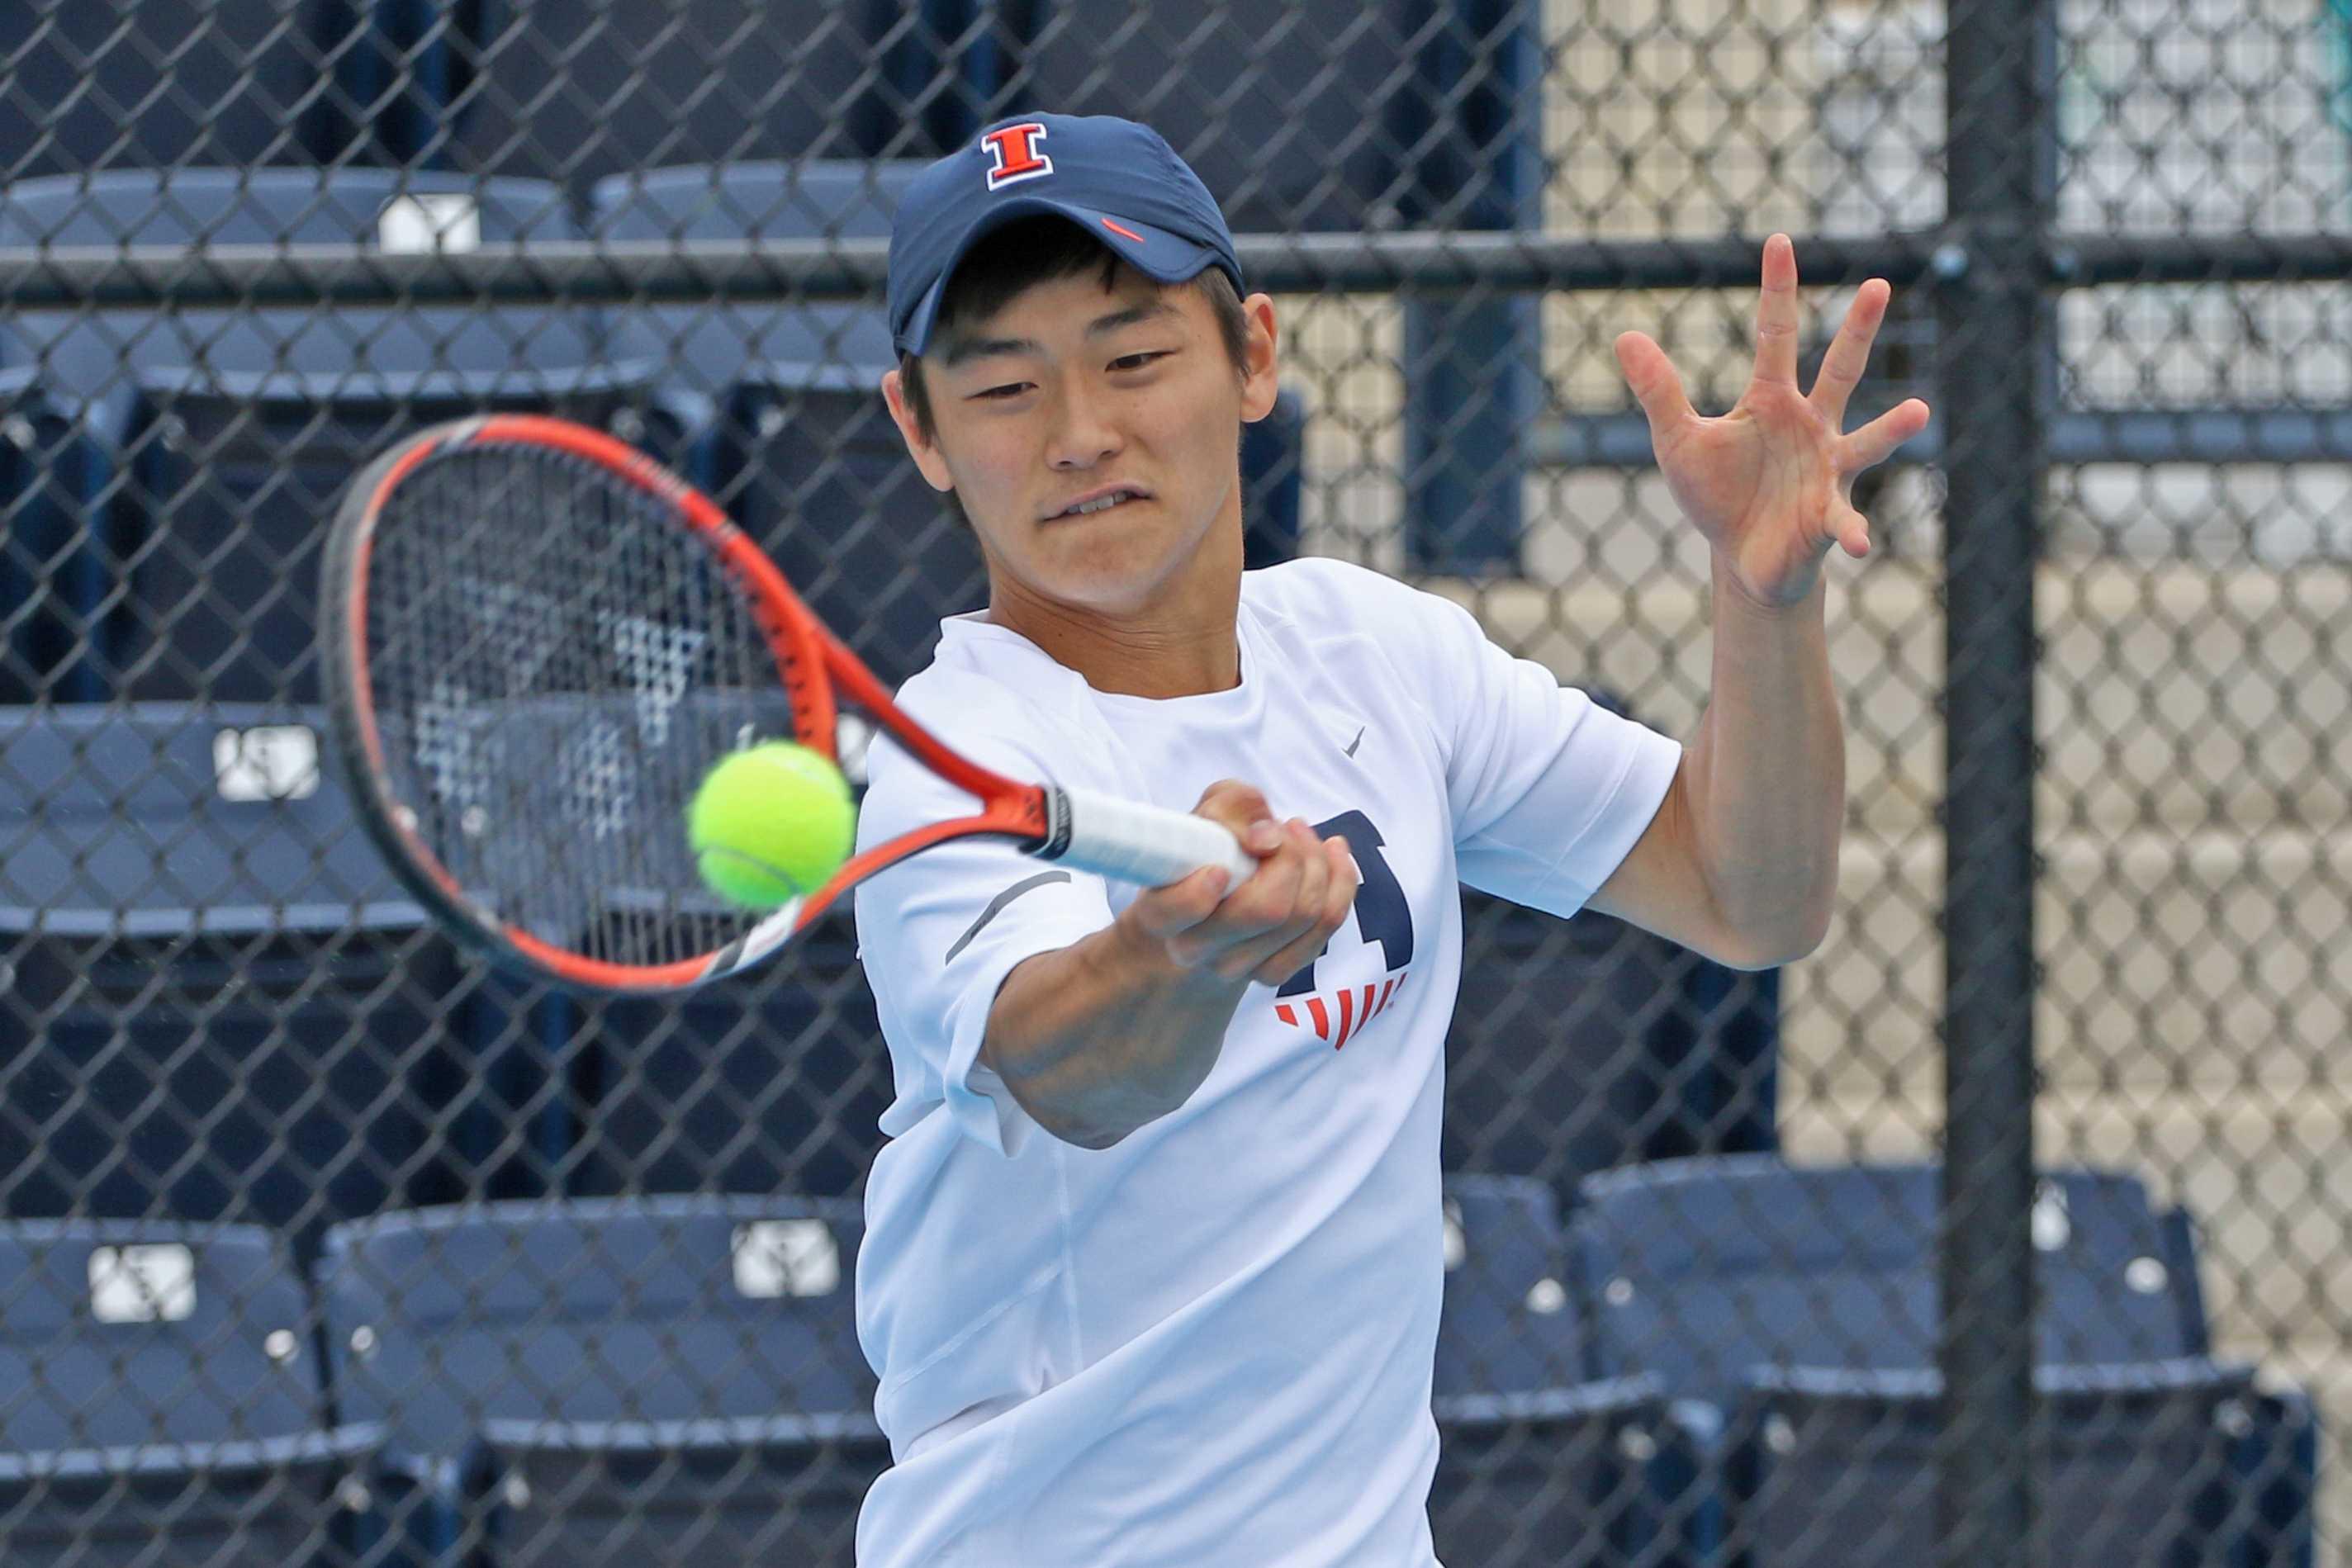 Illinois' Toshiki Matsuya makes a return during the Big Ten Tennis Tournament quarterfinals v. Iowa at Atkins Tennis Center on Friday, Apr. 24, 2015. Illinois won 4-0.